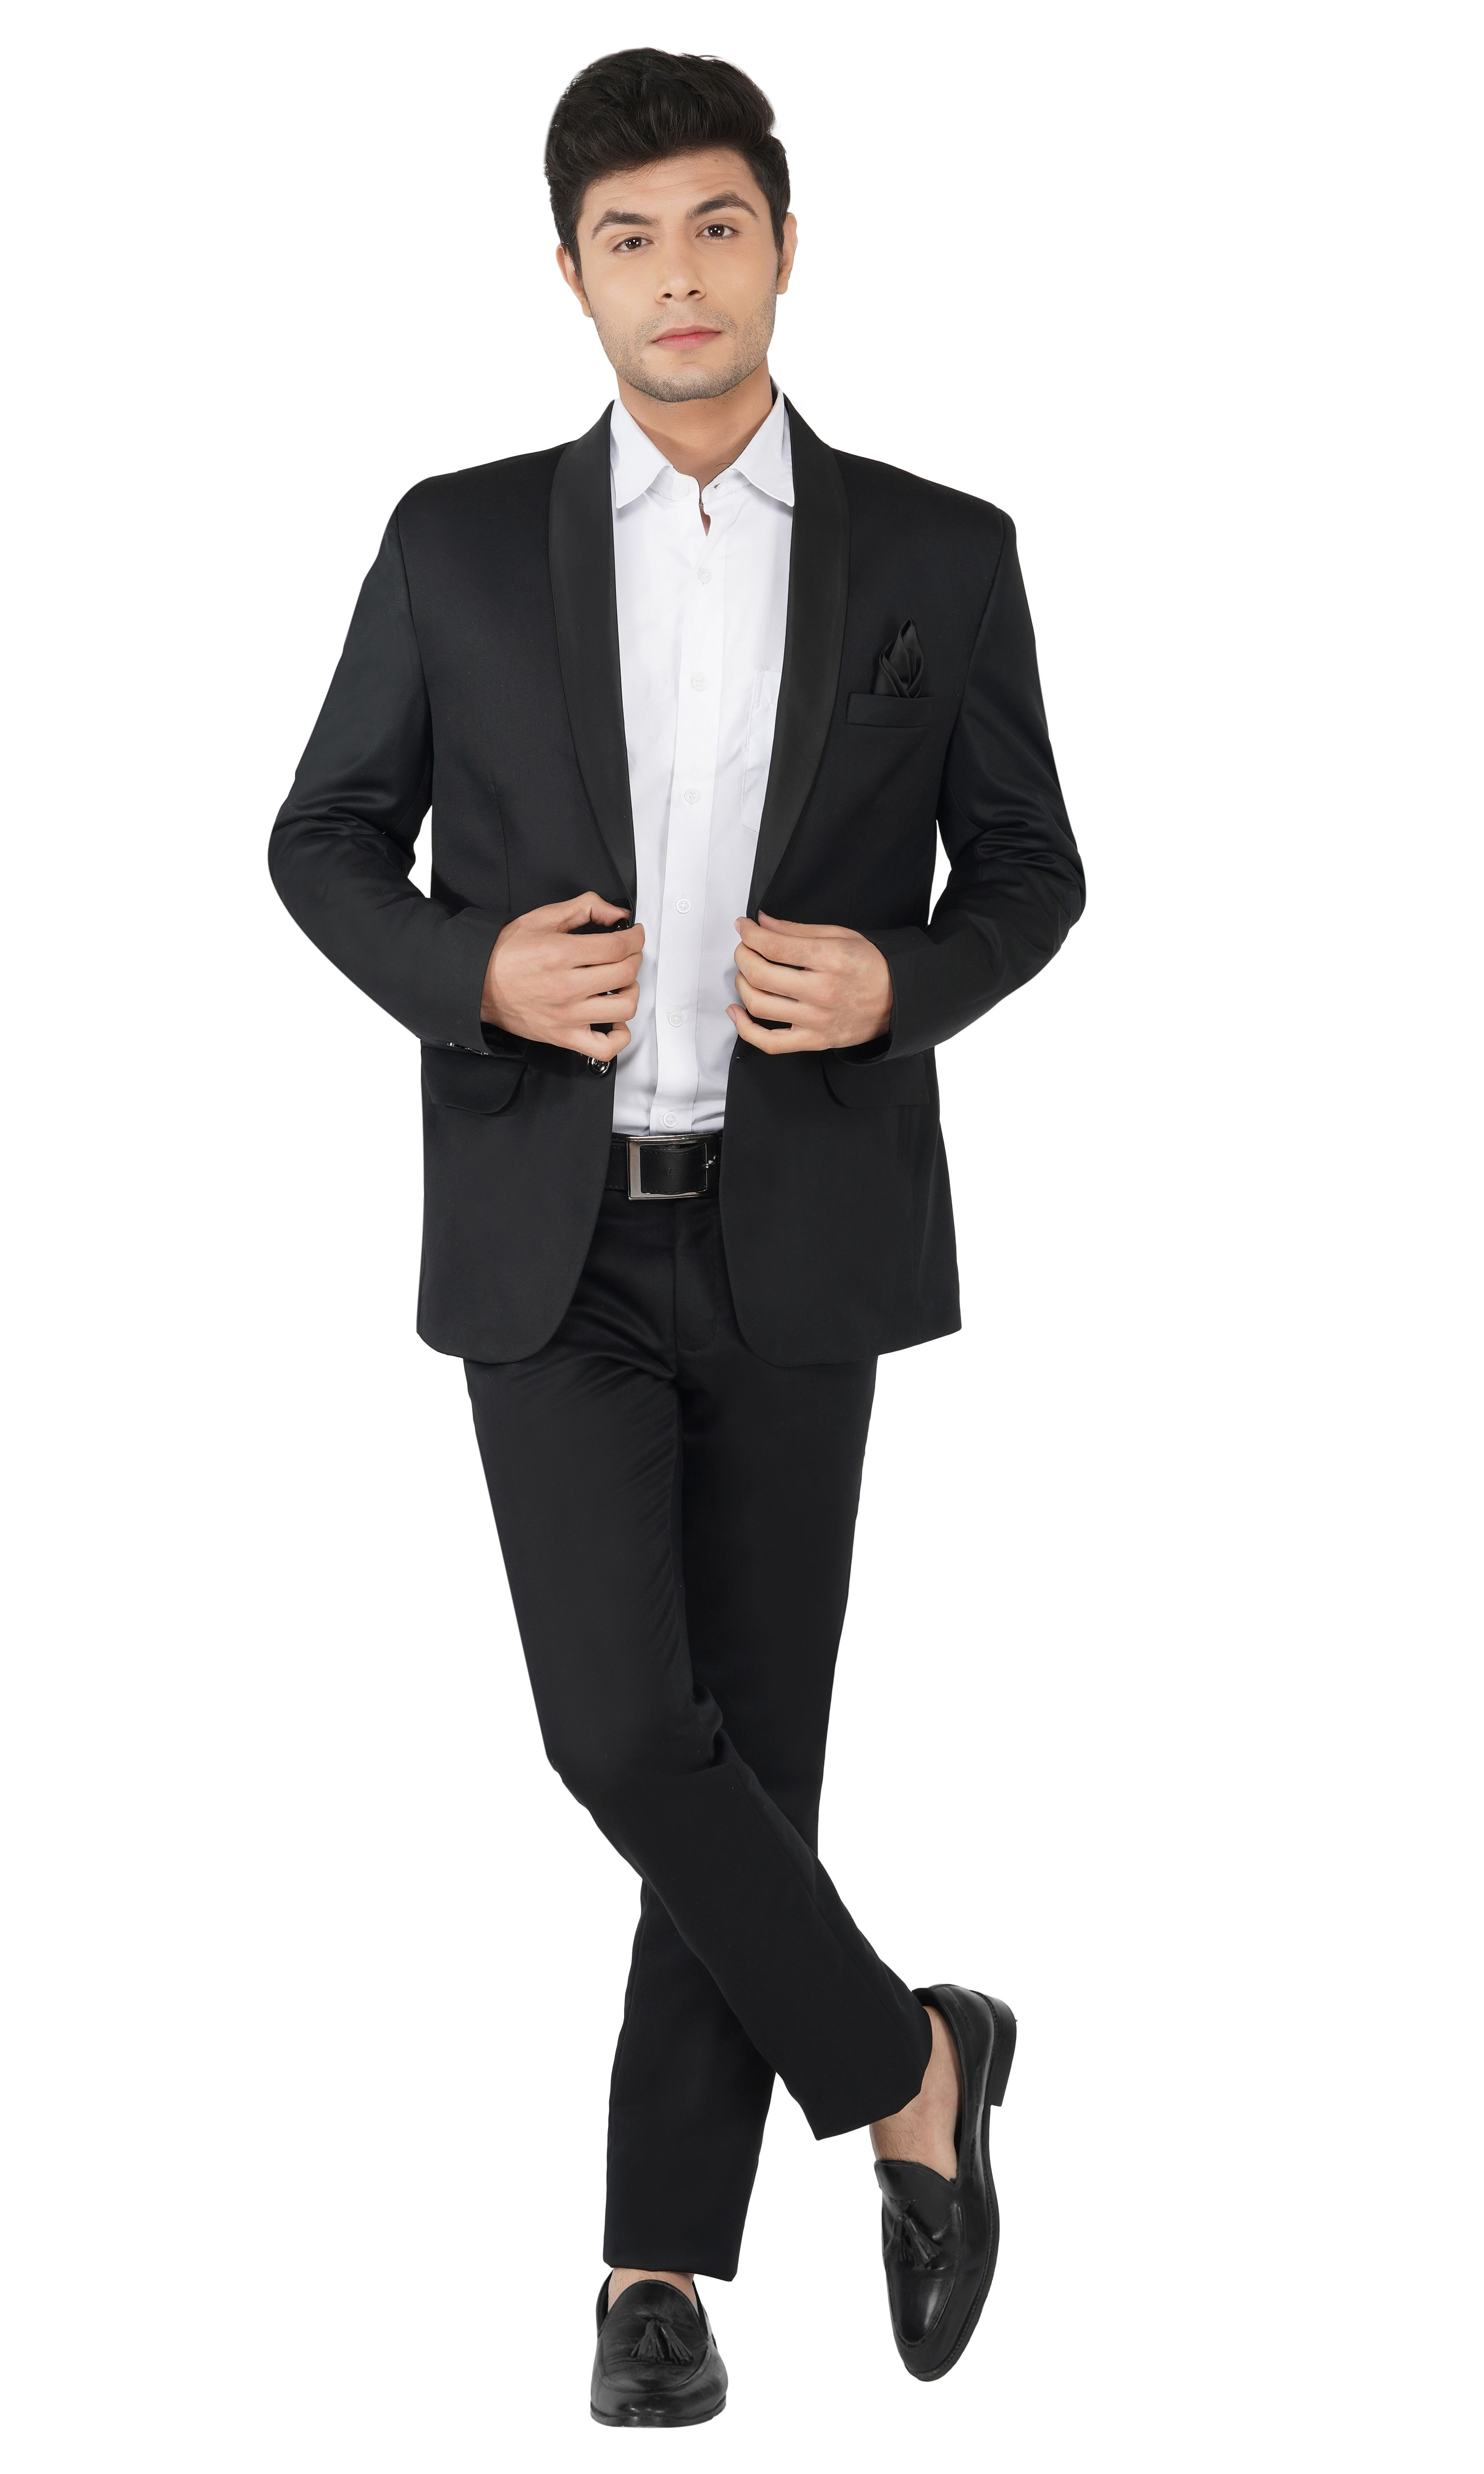 TAHVO | Black Tuxedo Men Suit